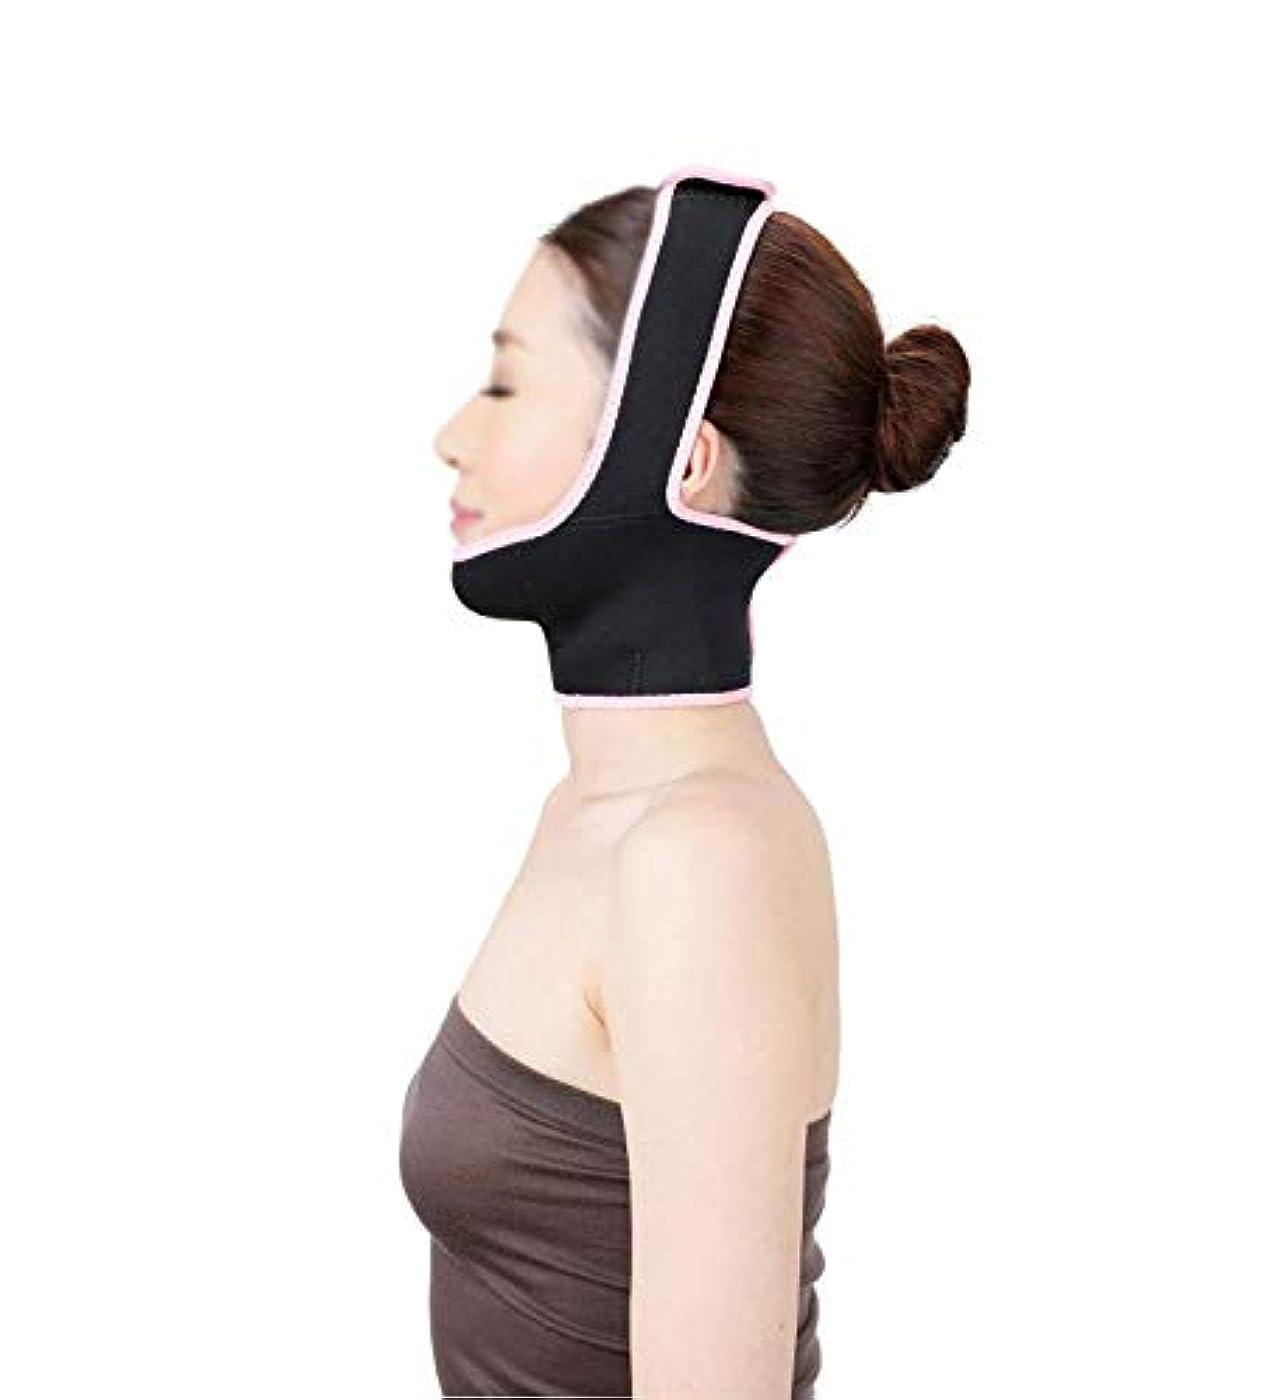 二度ドライバ罹患率フェイスリフトマスク、あごストラップ回復ポスト包帯ヘッドギアフェイスマスク顔薄いフェイスマスクアーティファクト美容顔と首リフトブラックマスク